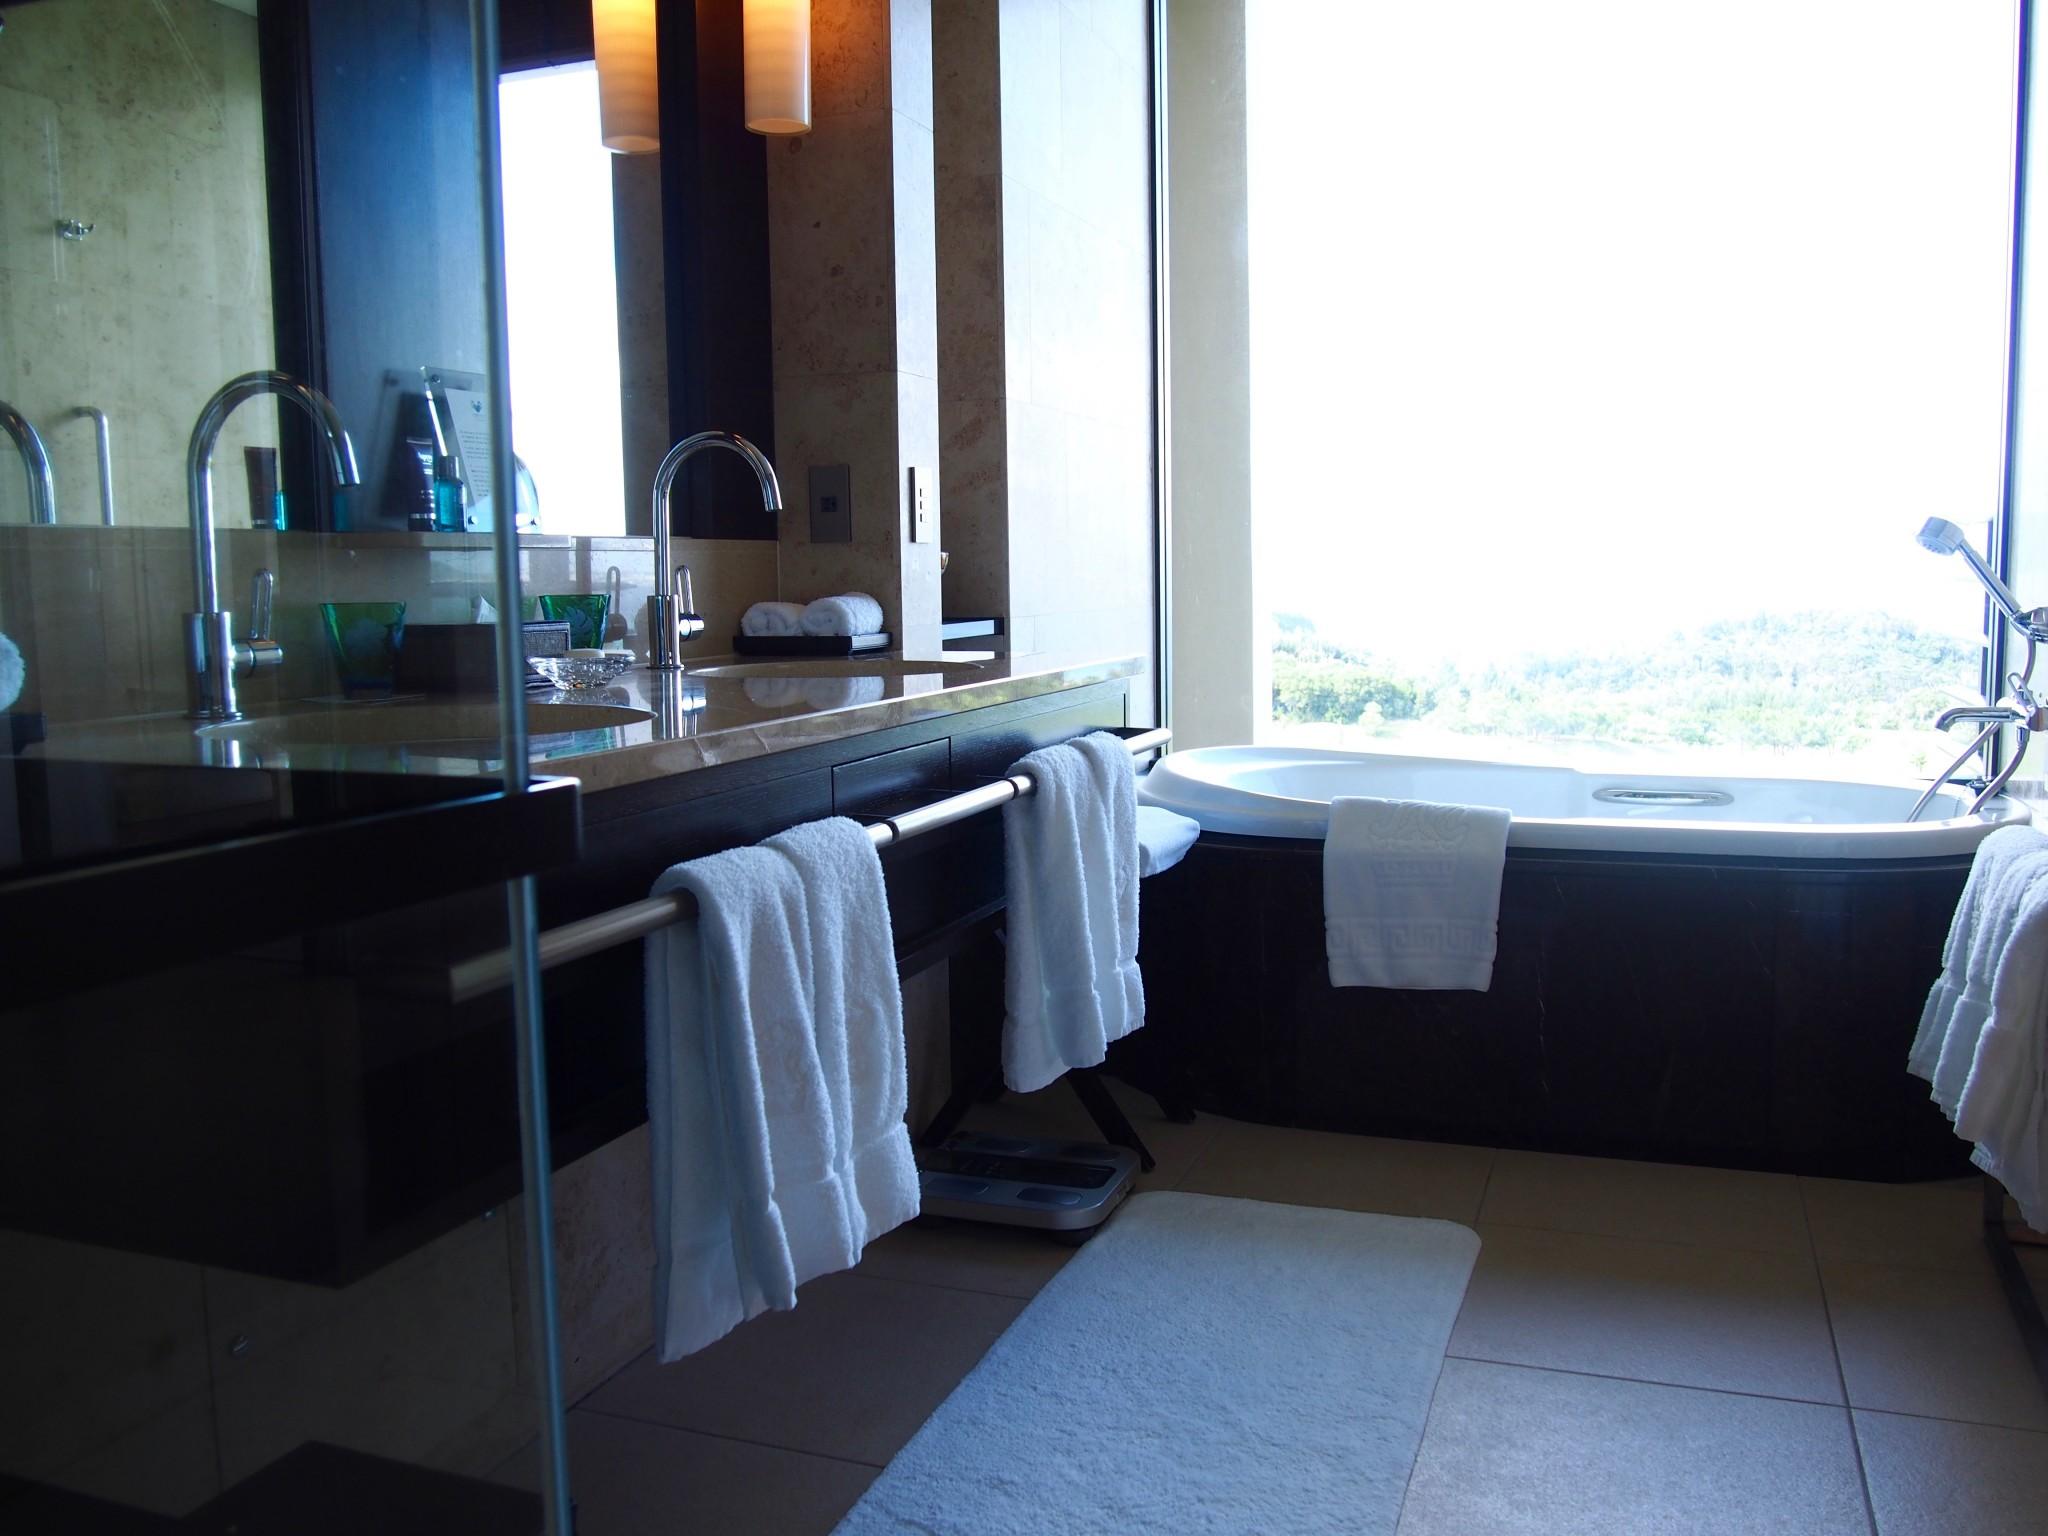 Ritz-Carlton Okinawa kylpyhuone 2